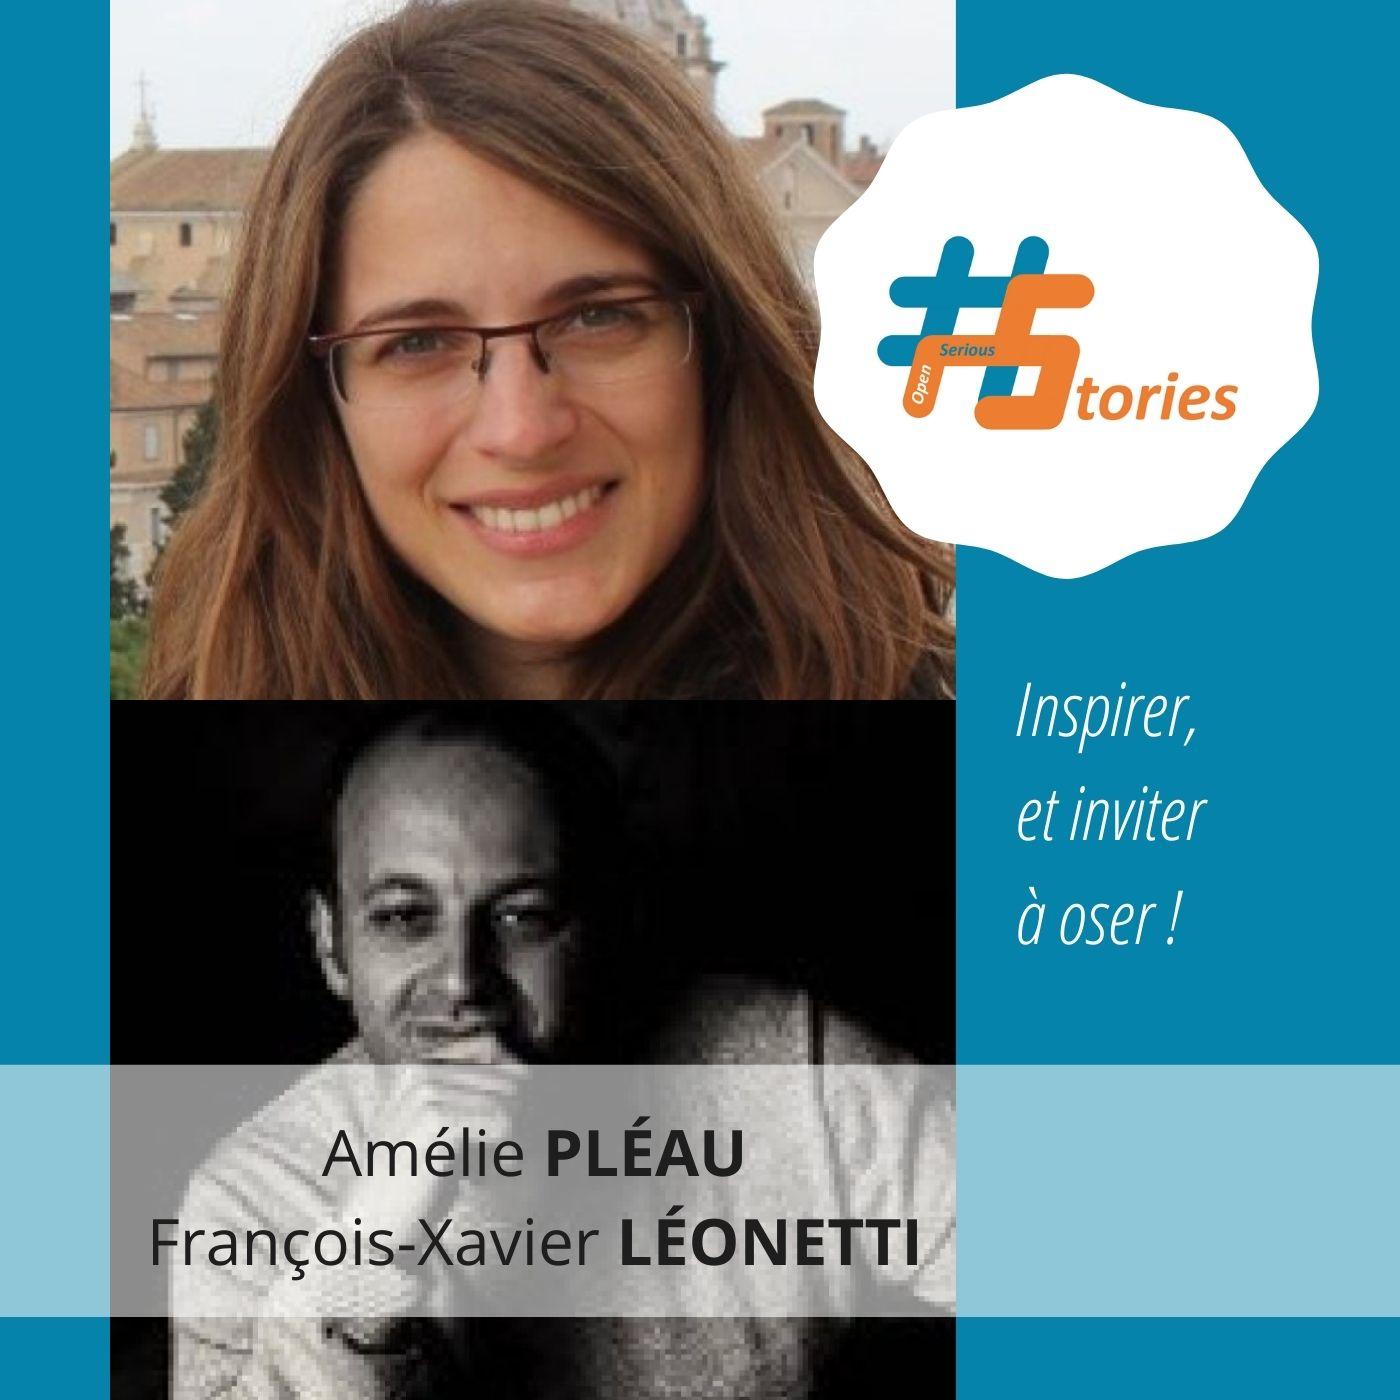 Le retour d'expérience de deux créateurs : Amélie Pléau et François-Xavier Léonetti [Podcast – 16min]